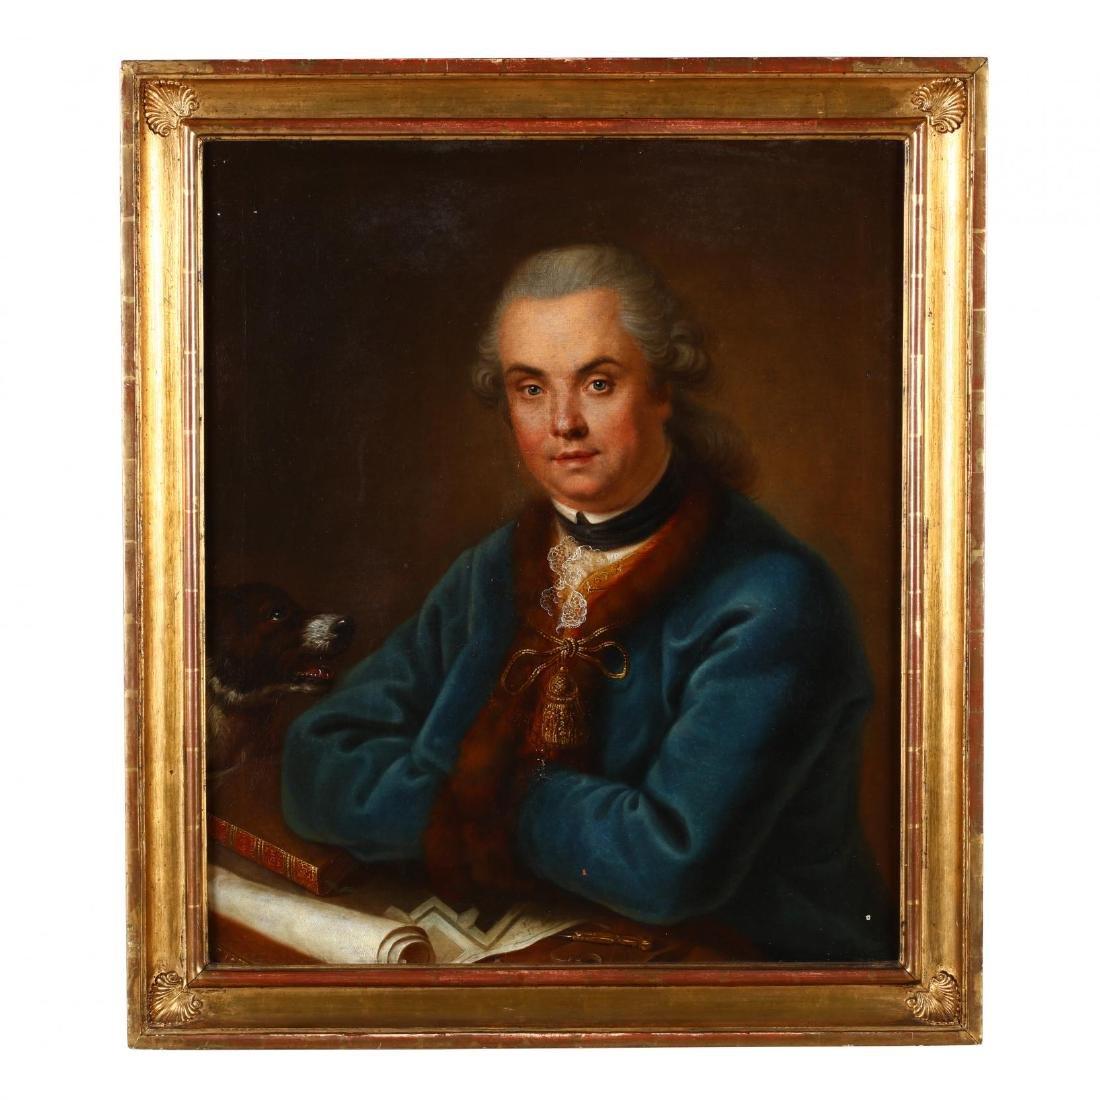 Portrait of Sigmund von Renner (1727-1800)